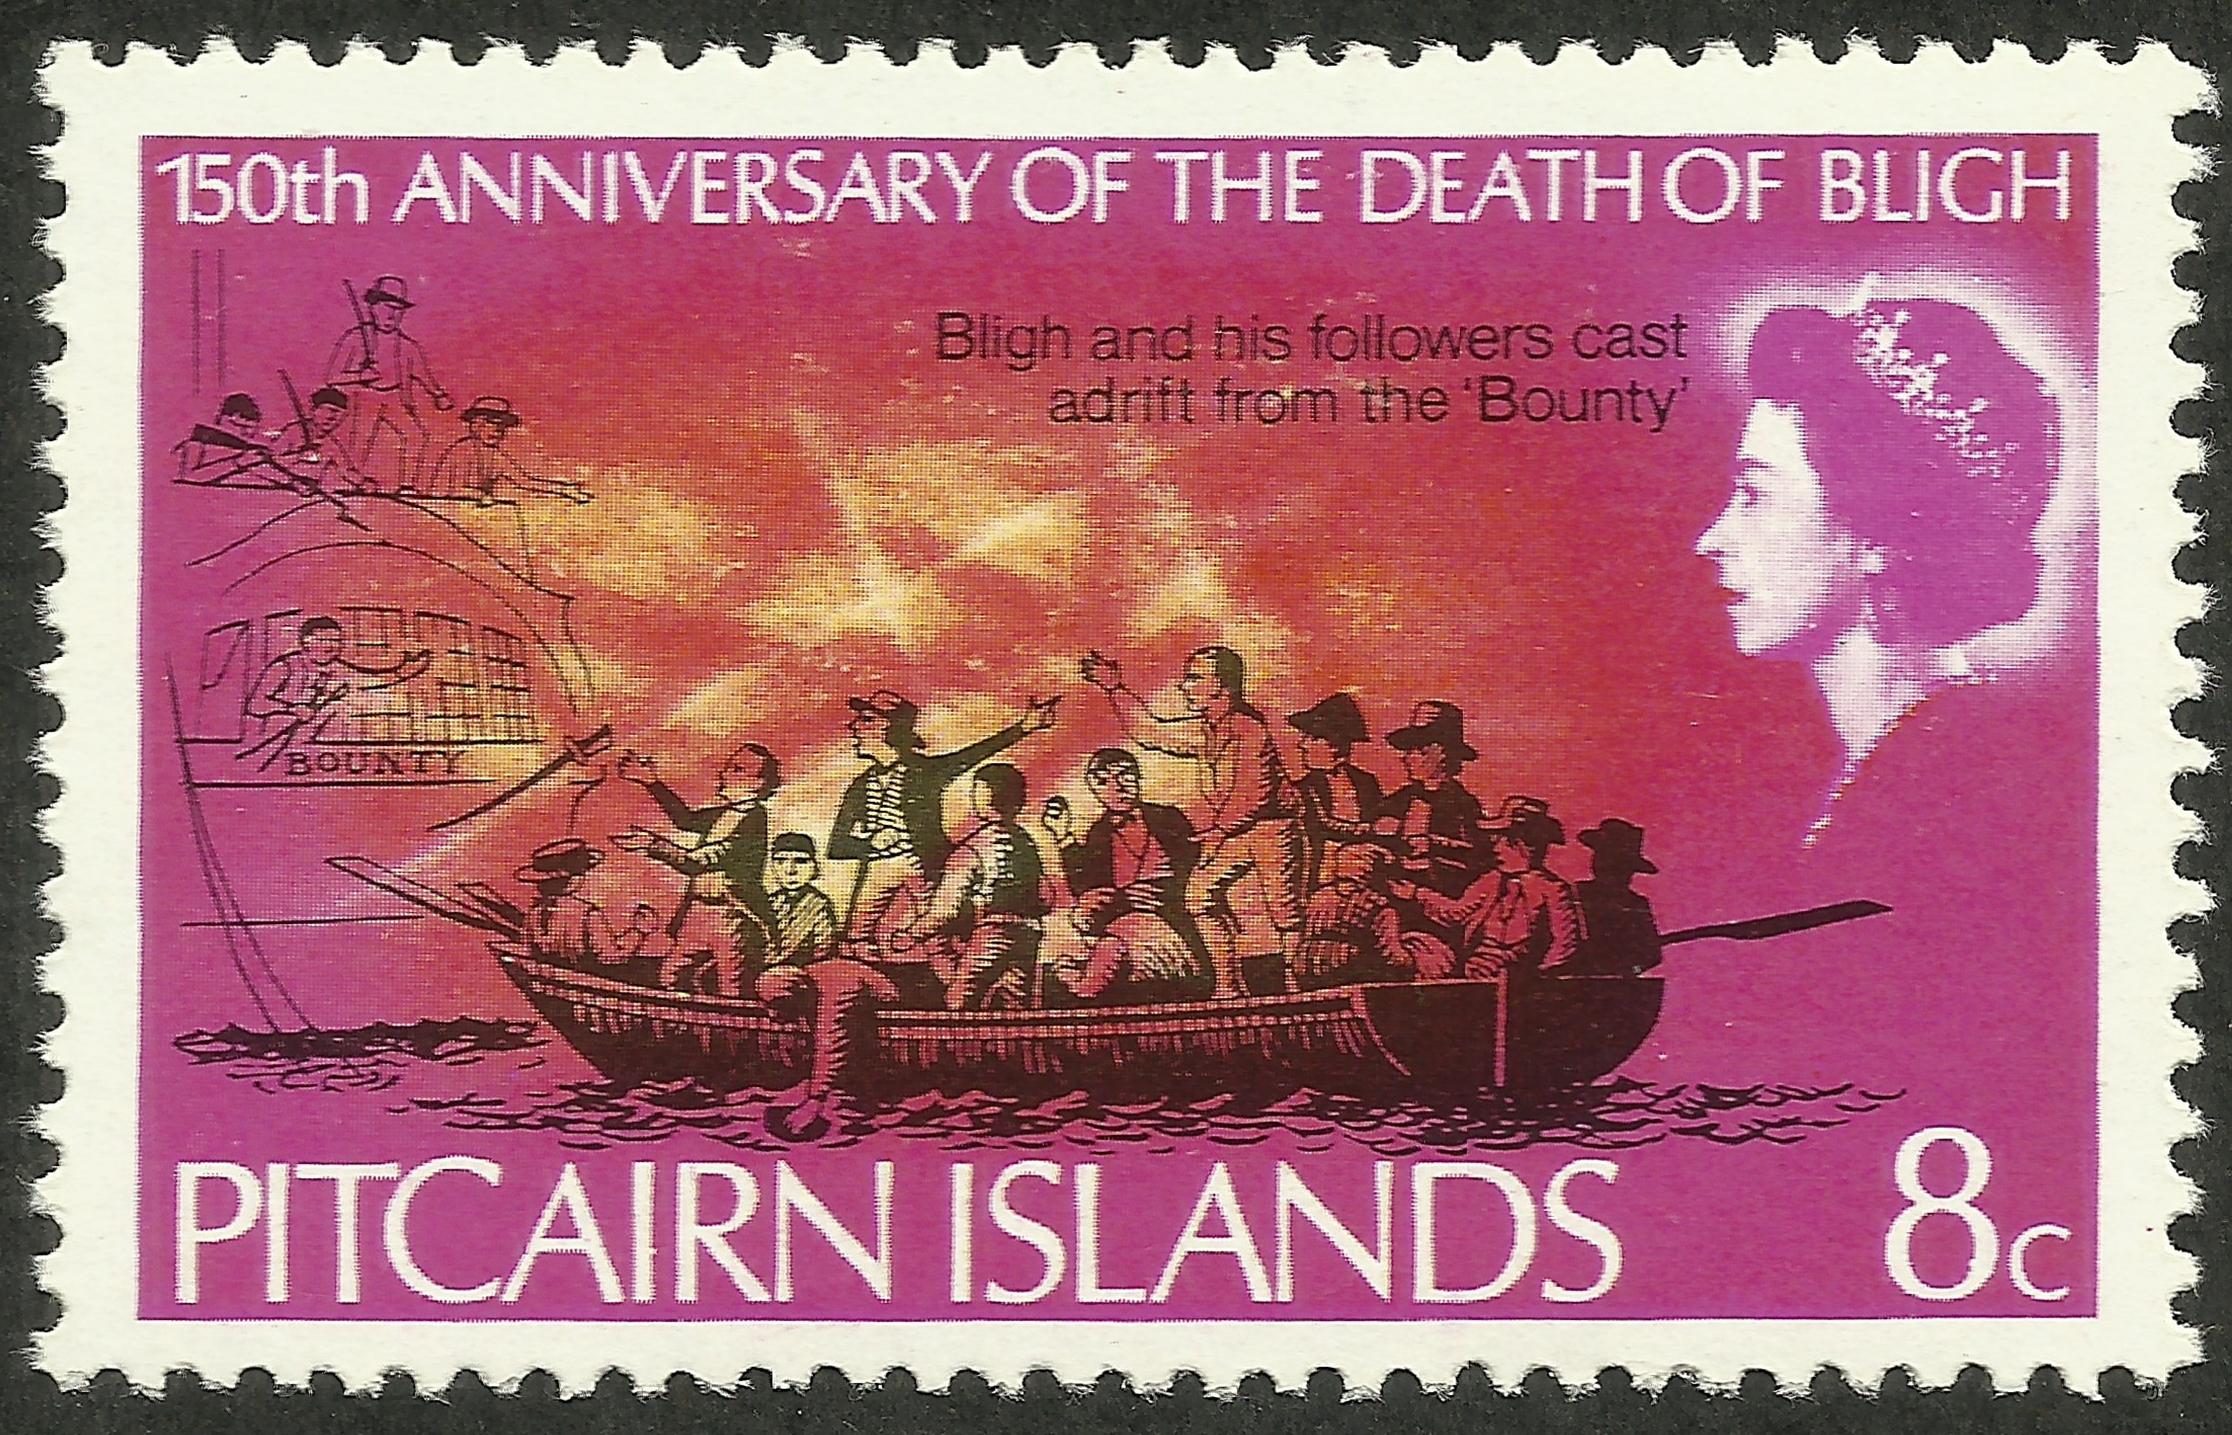 Pitcairn Islands - Scott #86 (1967)